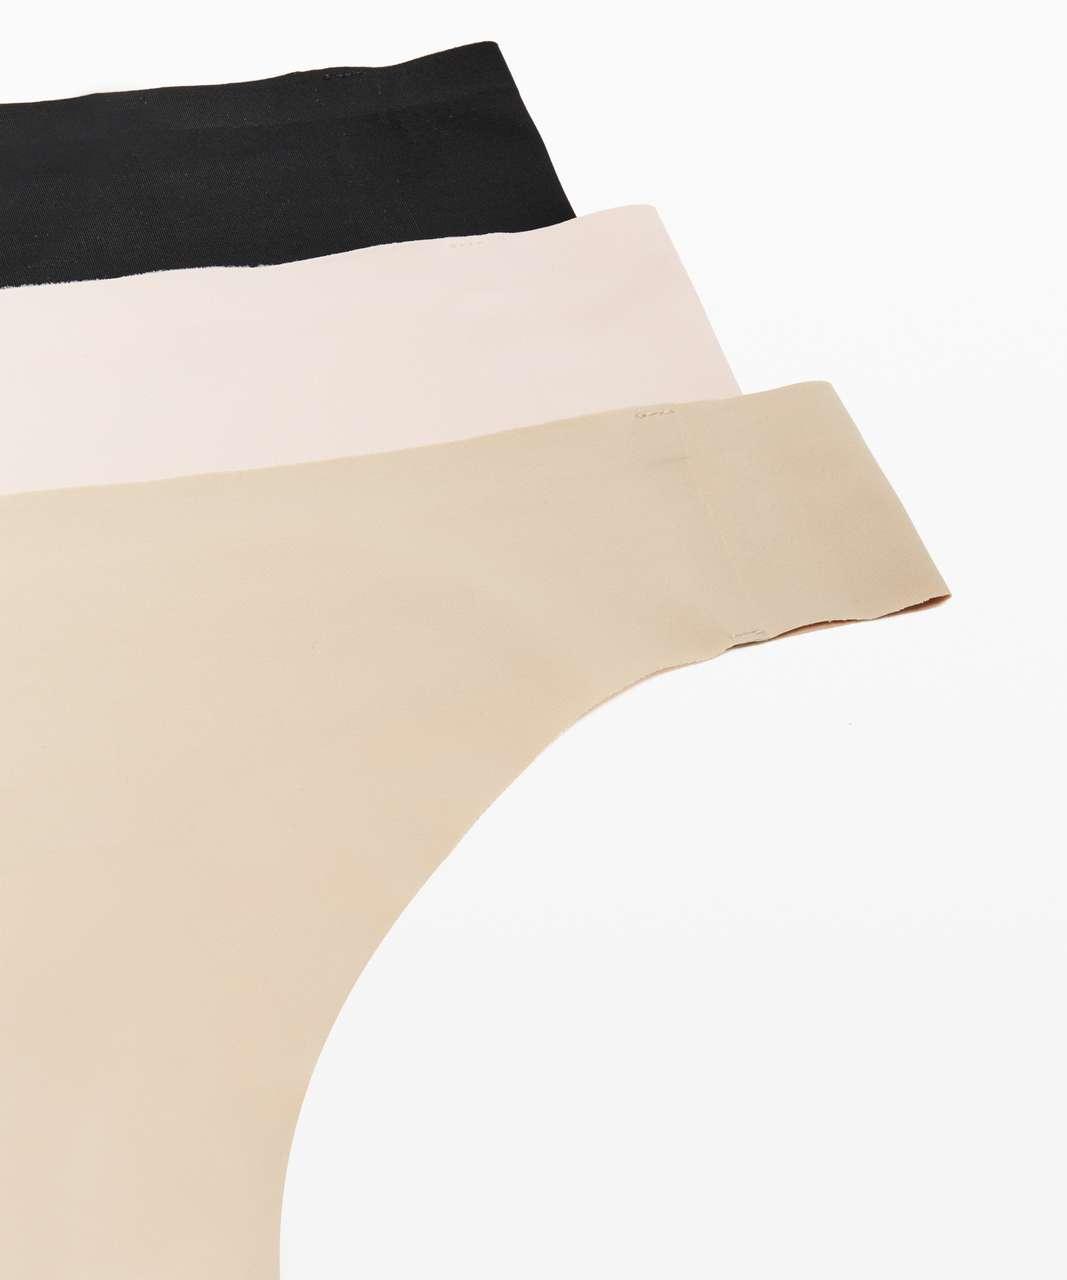 Lululemon Namastay Put Thong 3 Pack - Pink Bliss / Crepe / Black